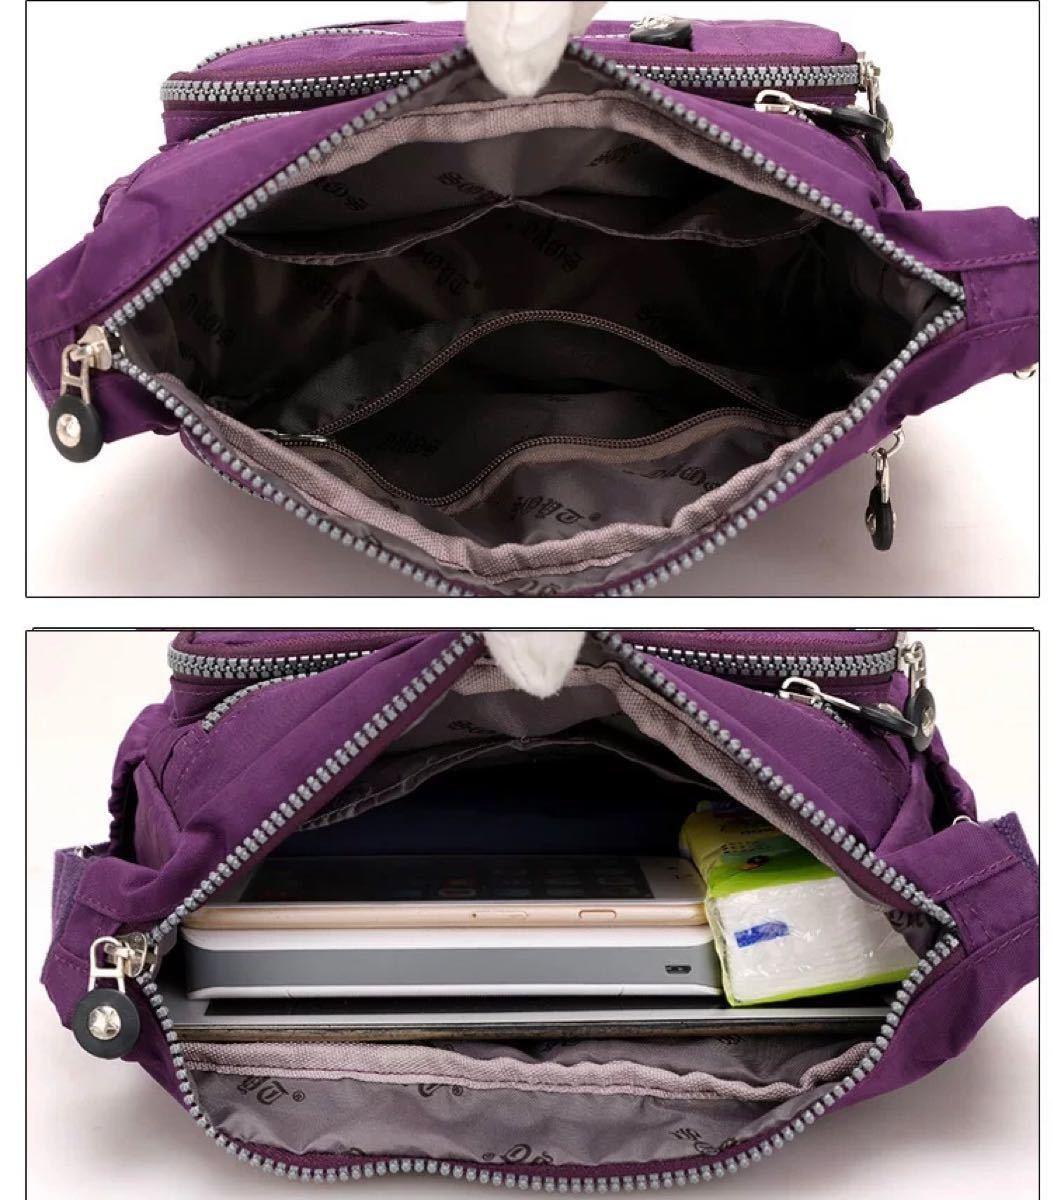 ショルダーバッグ 花柄 ボディーバッグ レディースバッグ iPad  斜め掛け 斜めがけバッグ 軽量 旅行バッグ マザーズバッグ